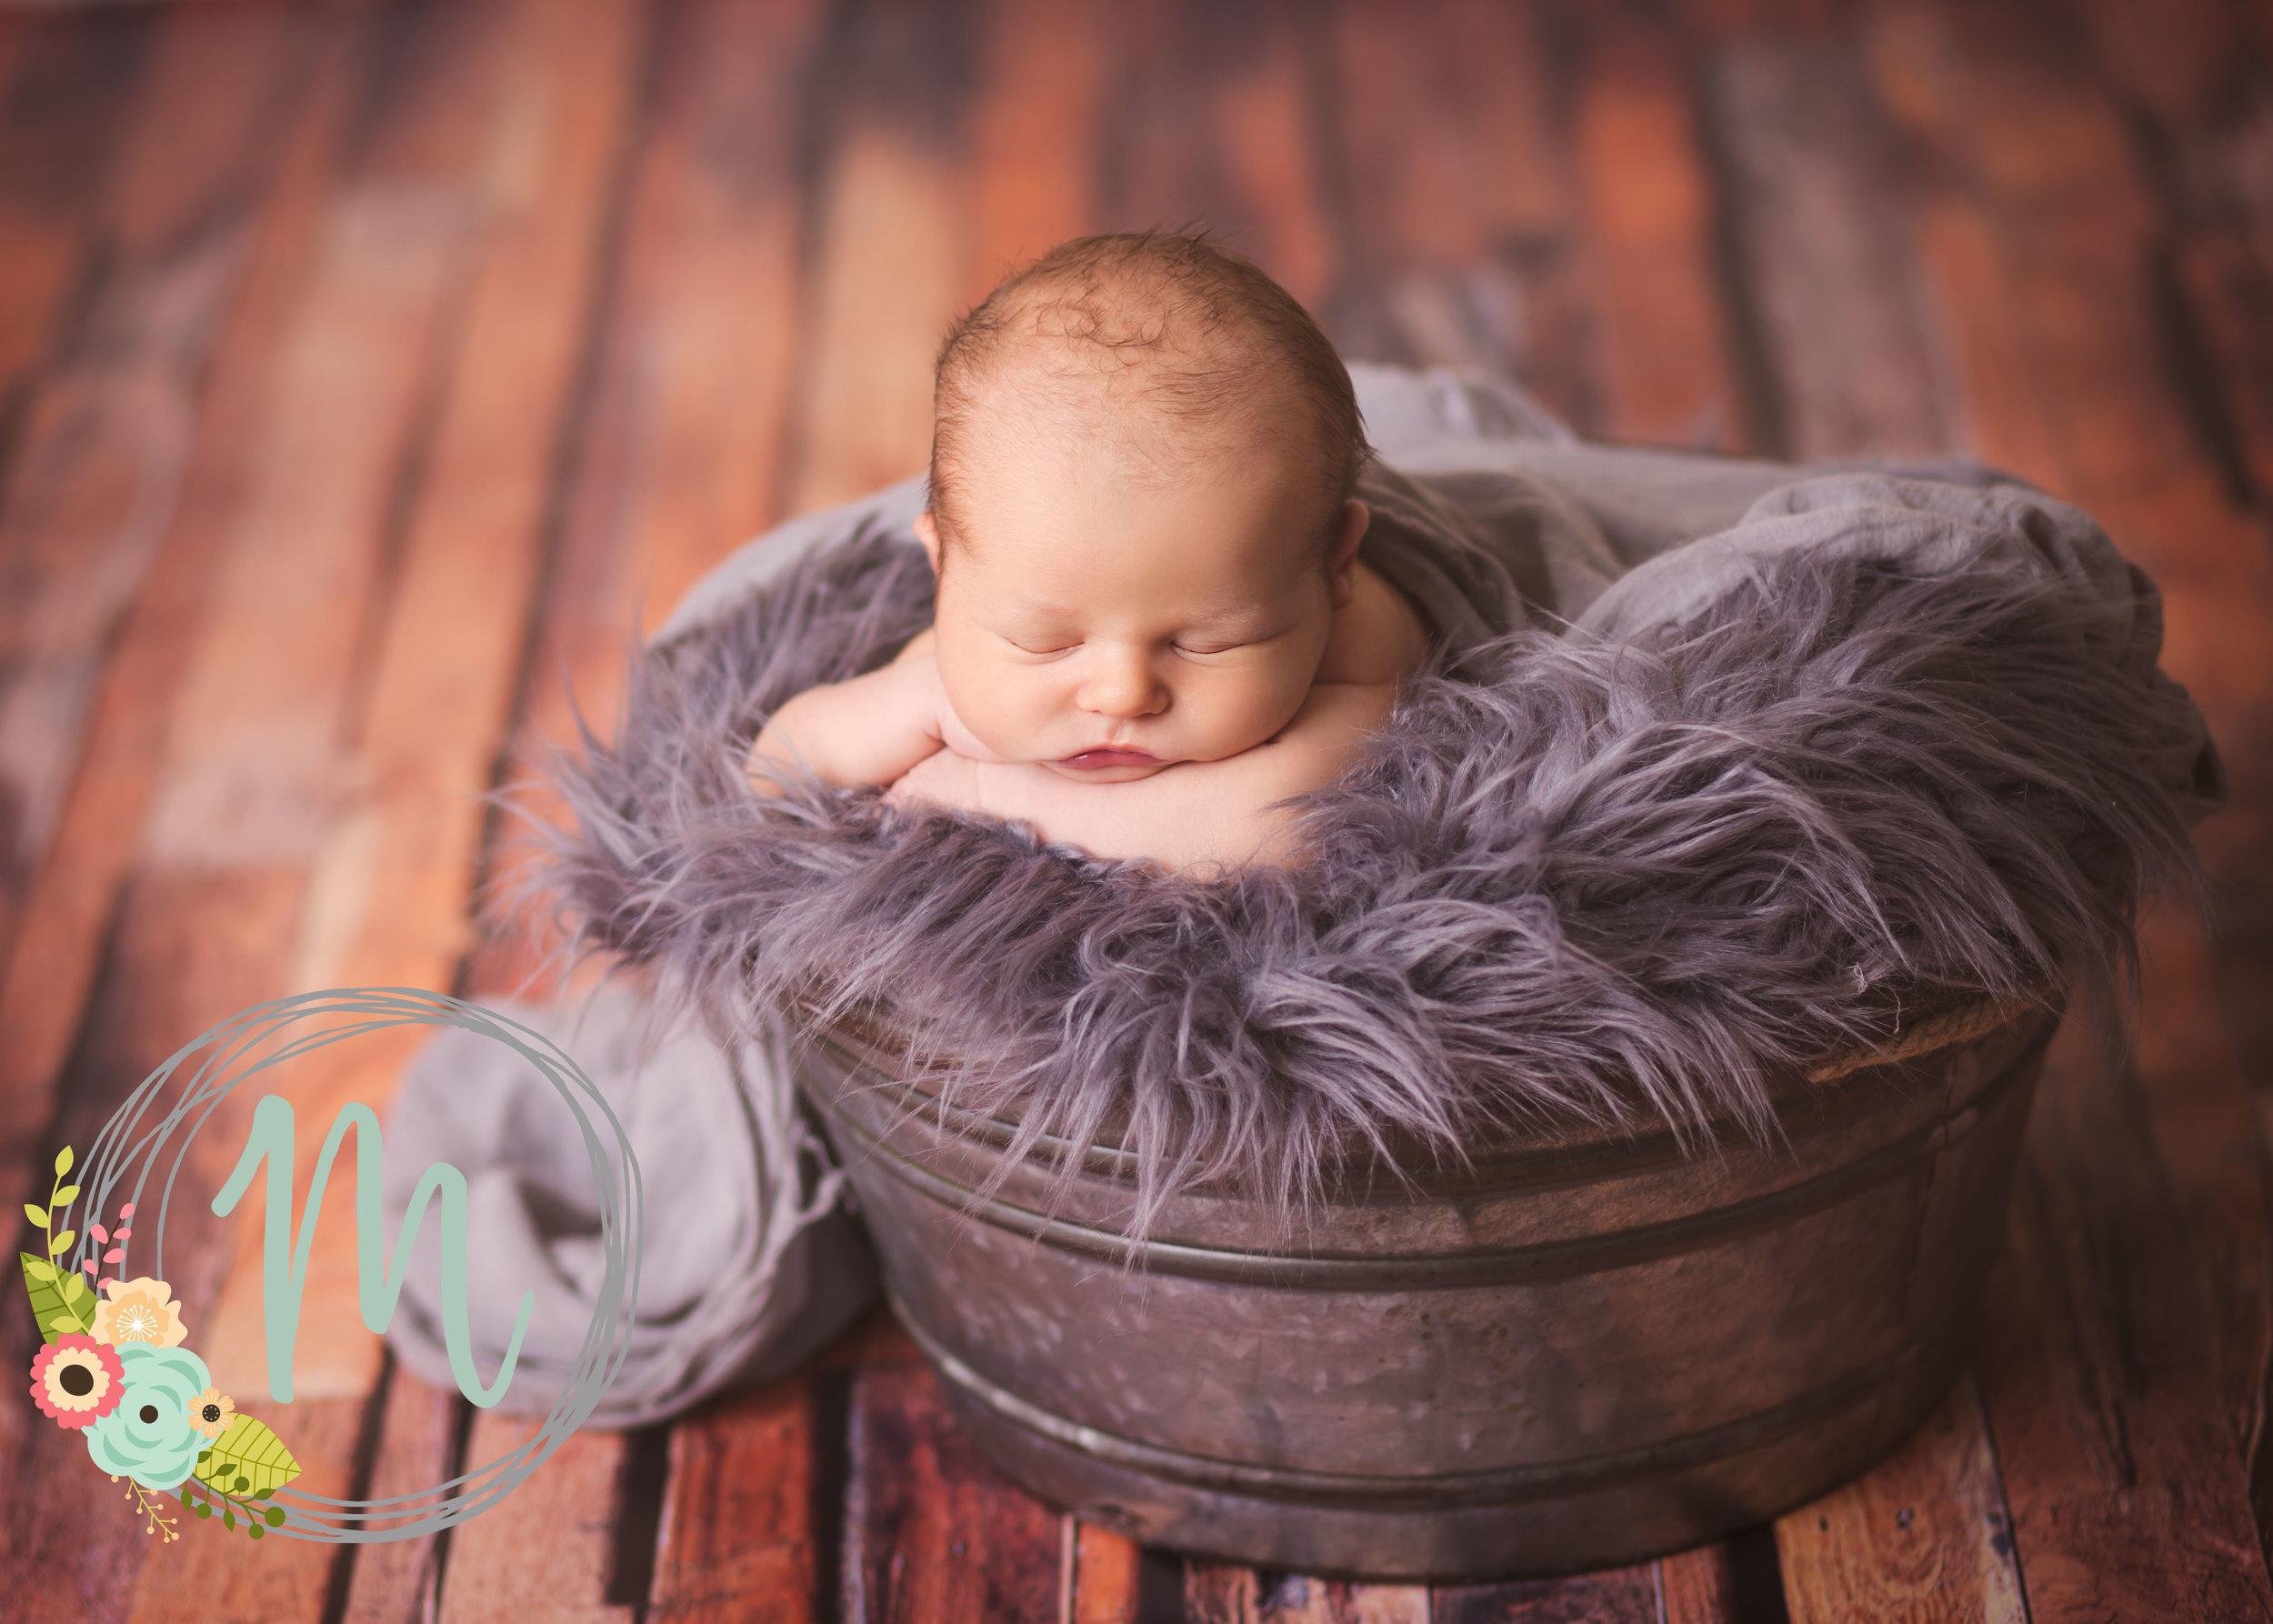 Utah Newborn Photography - Mobie Photo, Lehi, Utah